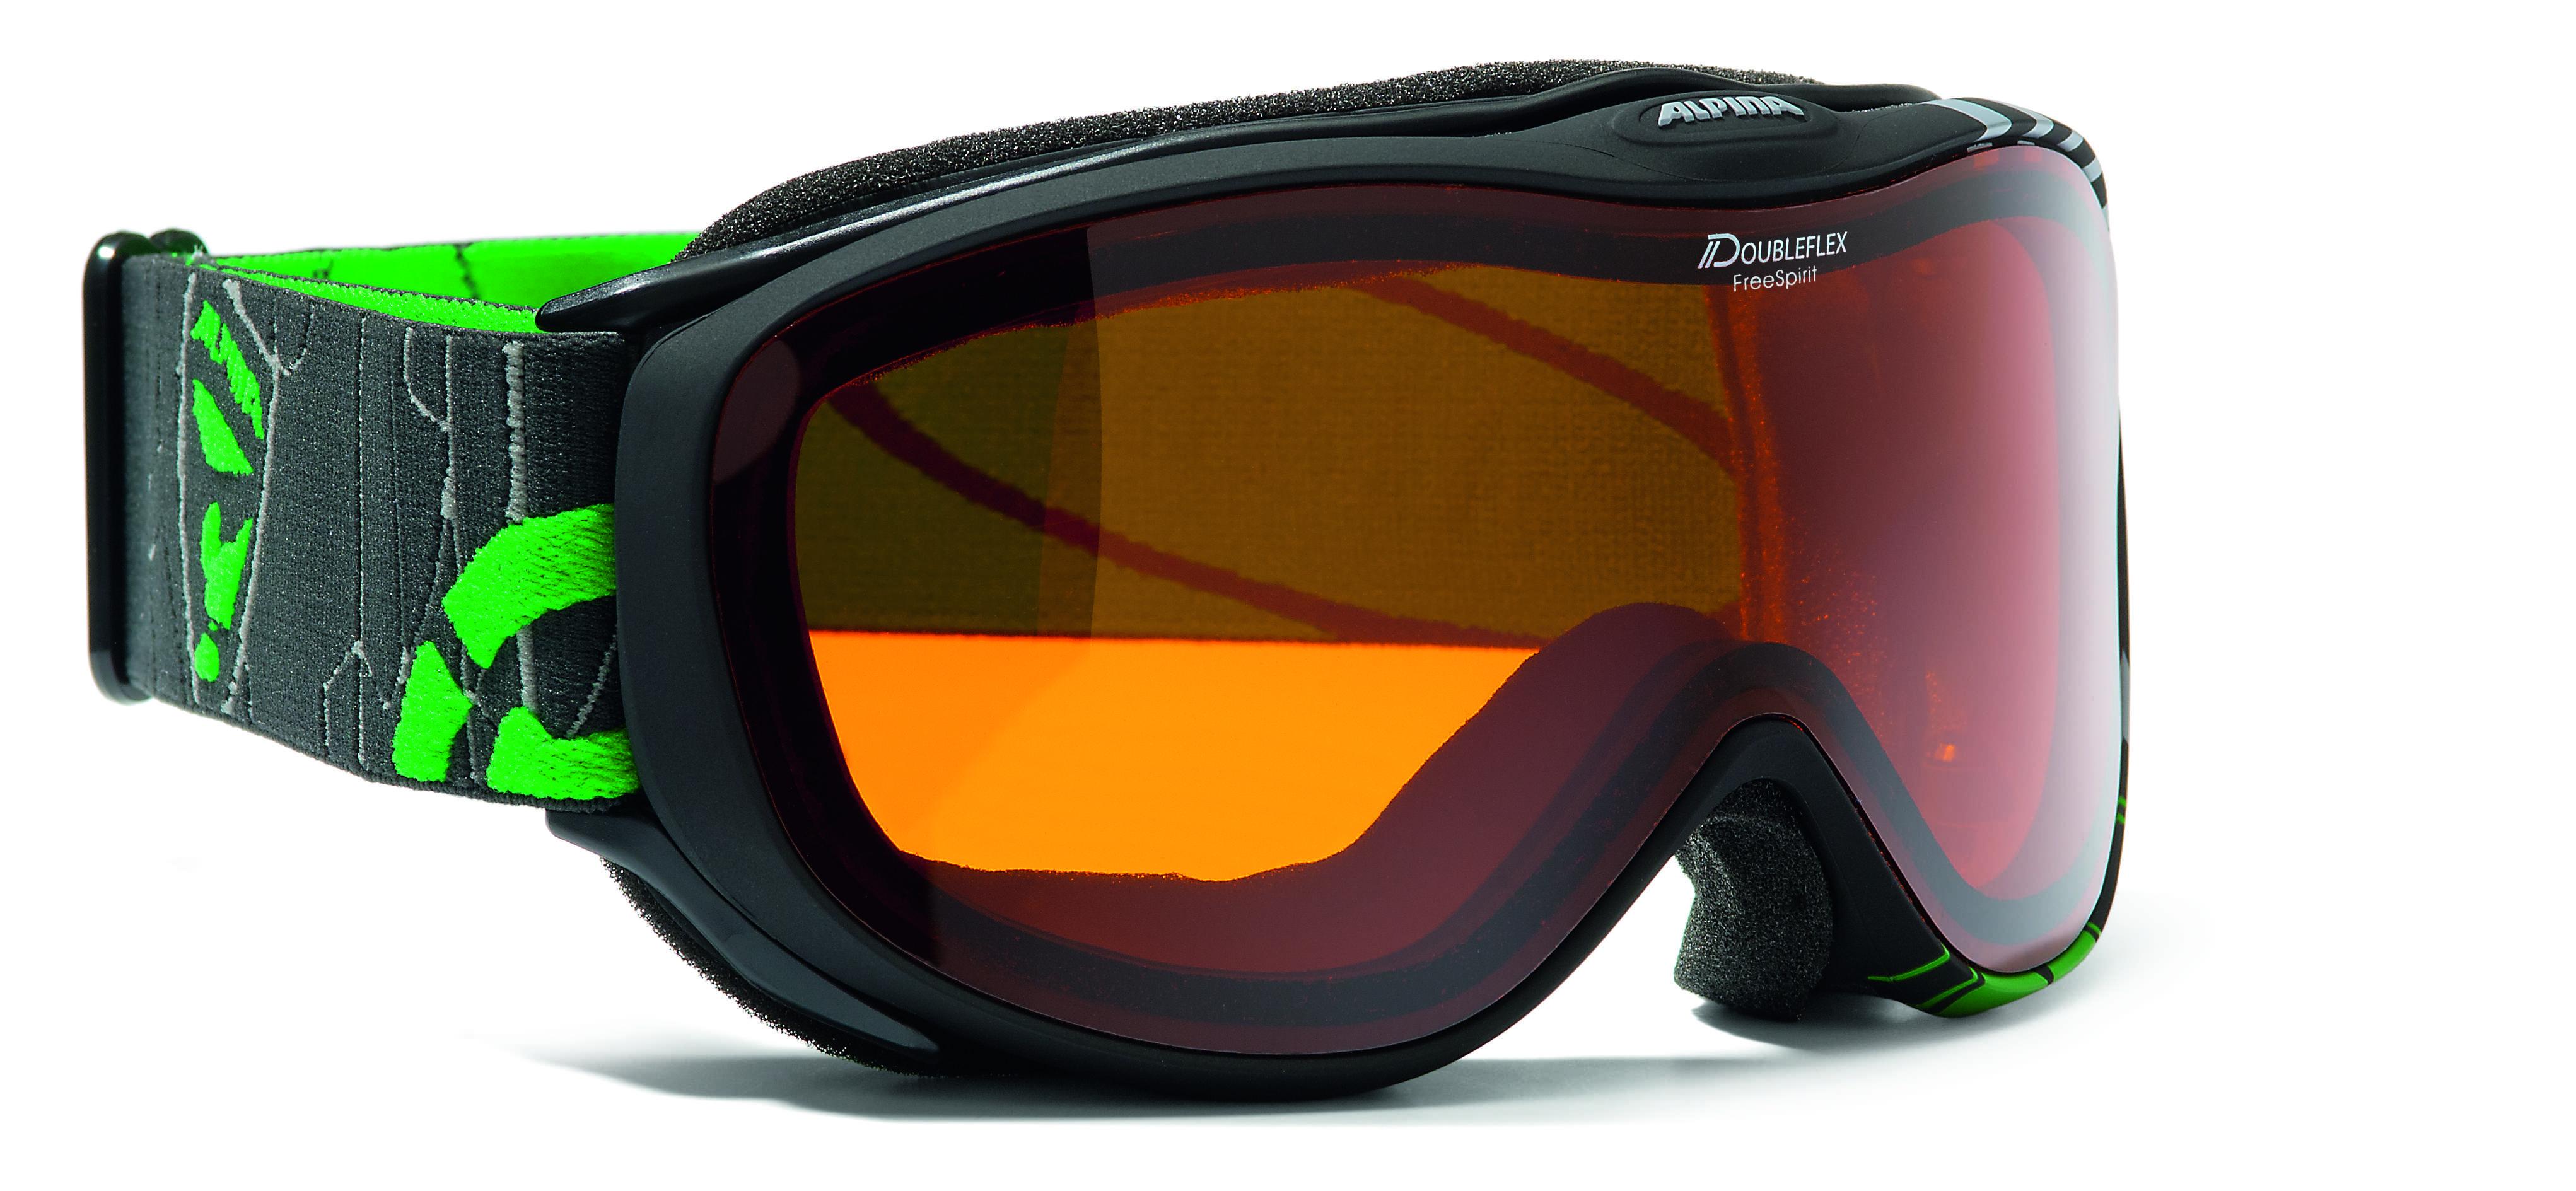 Очки горнолыжные Alpina FREESPIRIT DH black_DH S2, Горнолыжные очки и маски - арт. 708210418